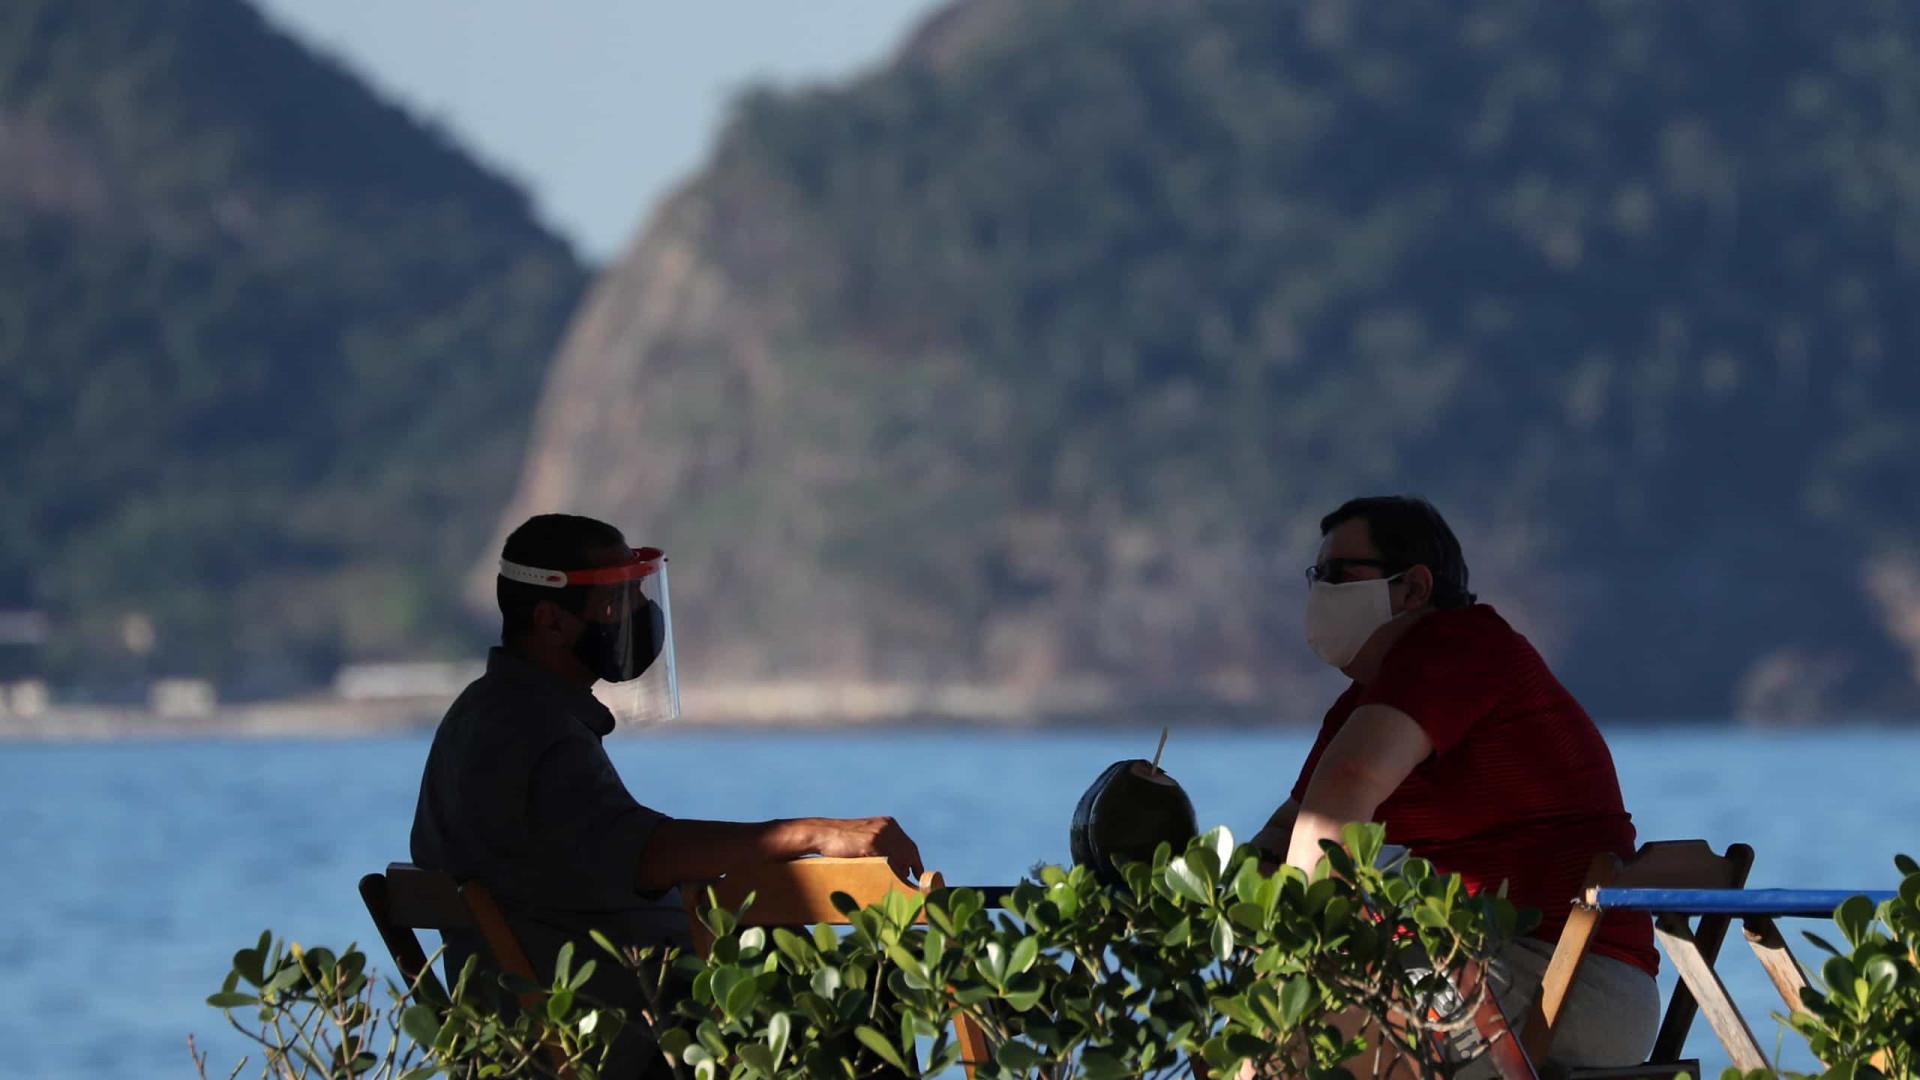 Estado do Rio de Janeiro registra mais 129 mortes por covid-19